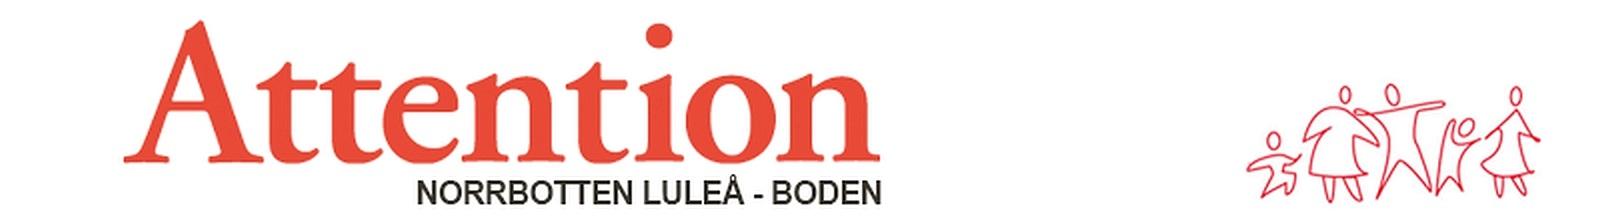 Välkommen till Attention Luleå Boden Norrbotten